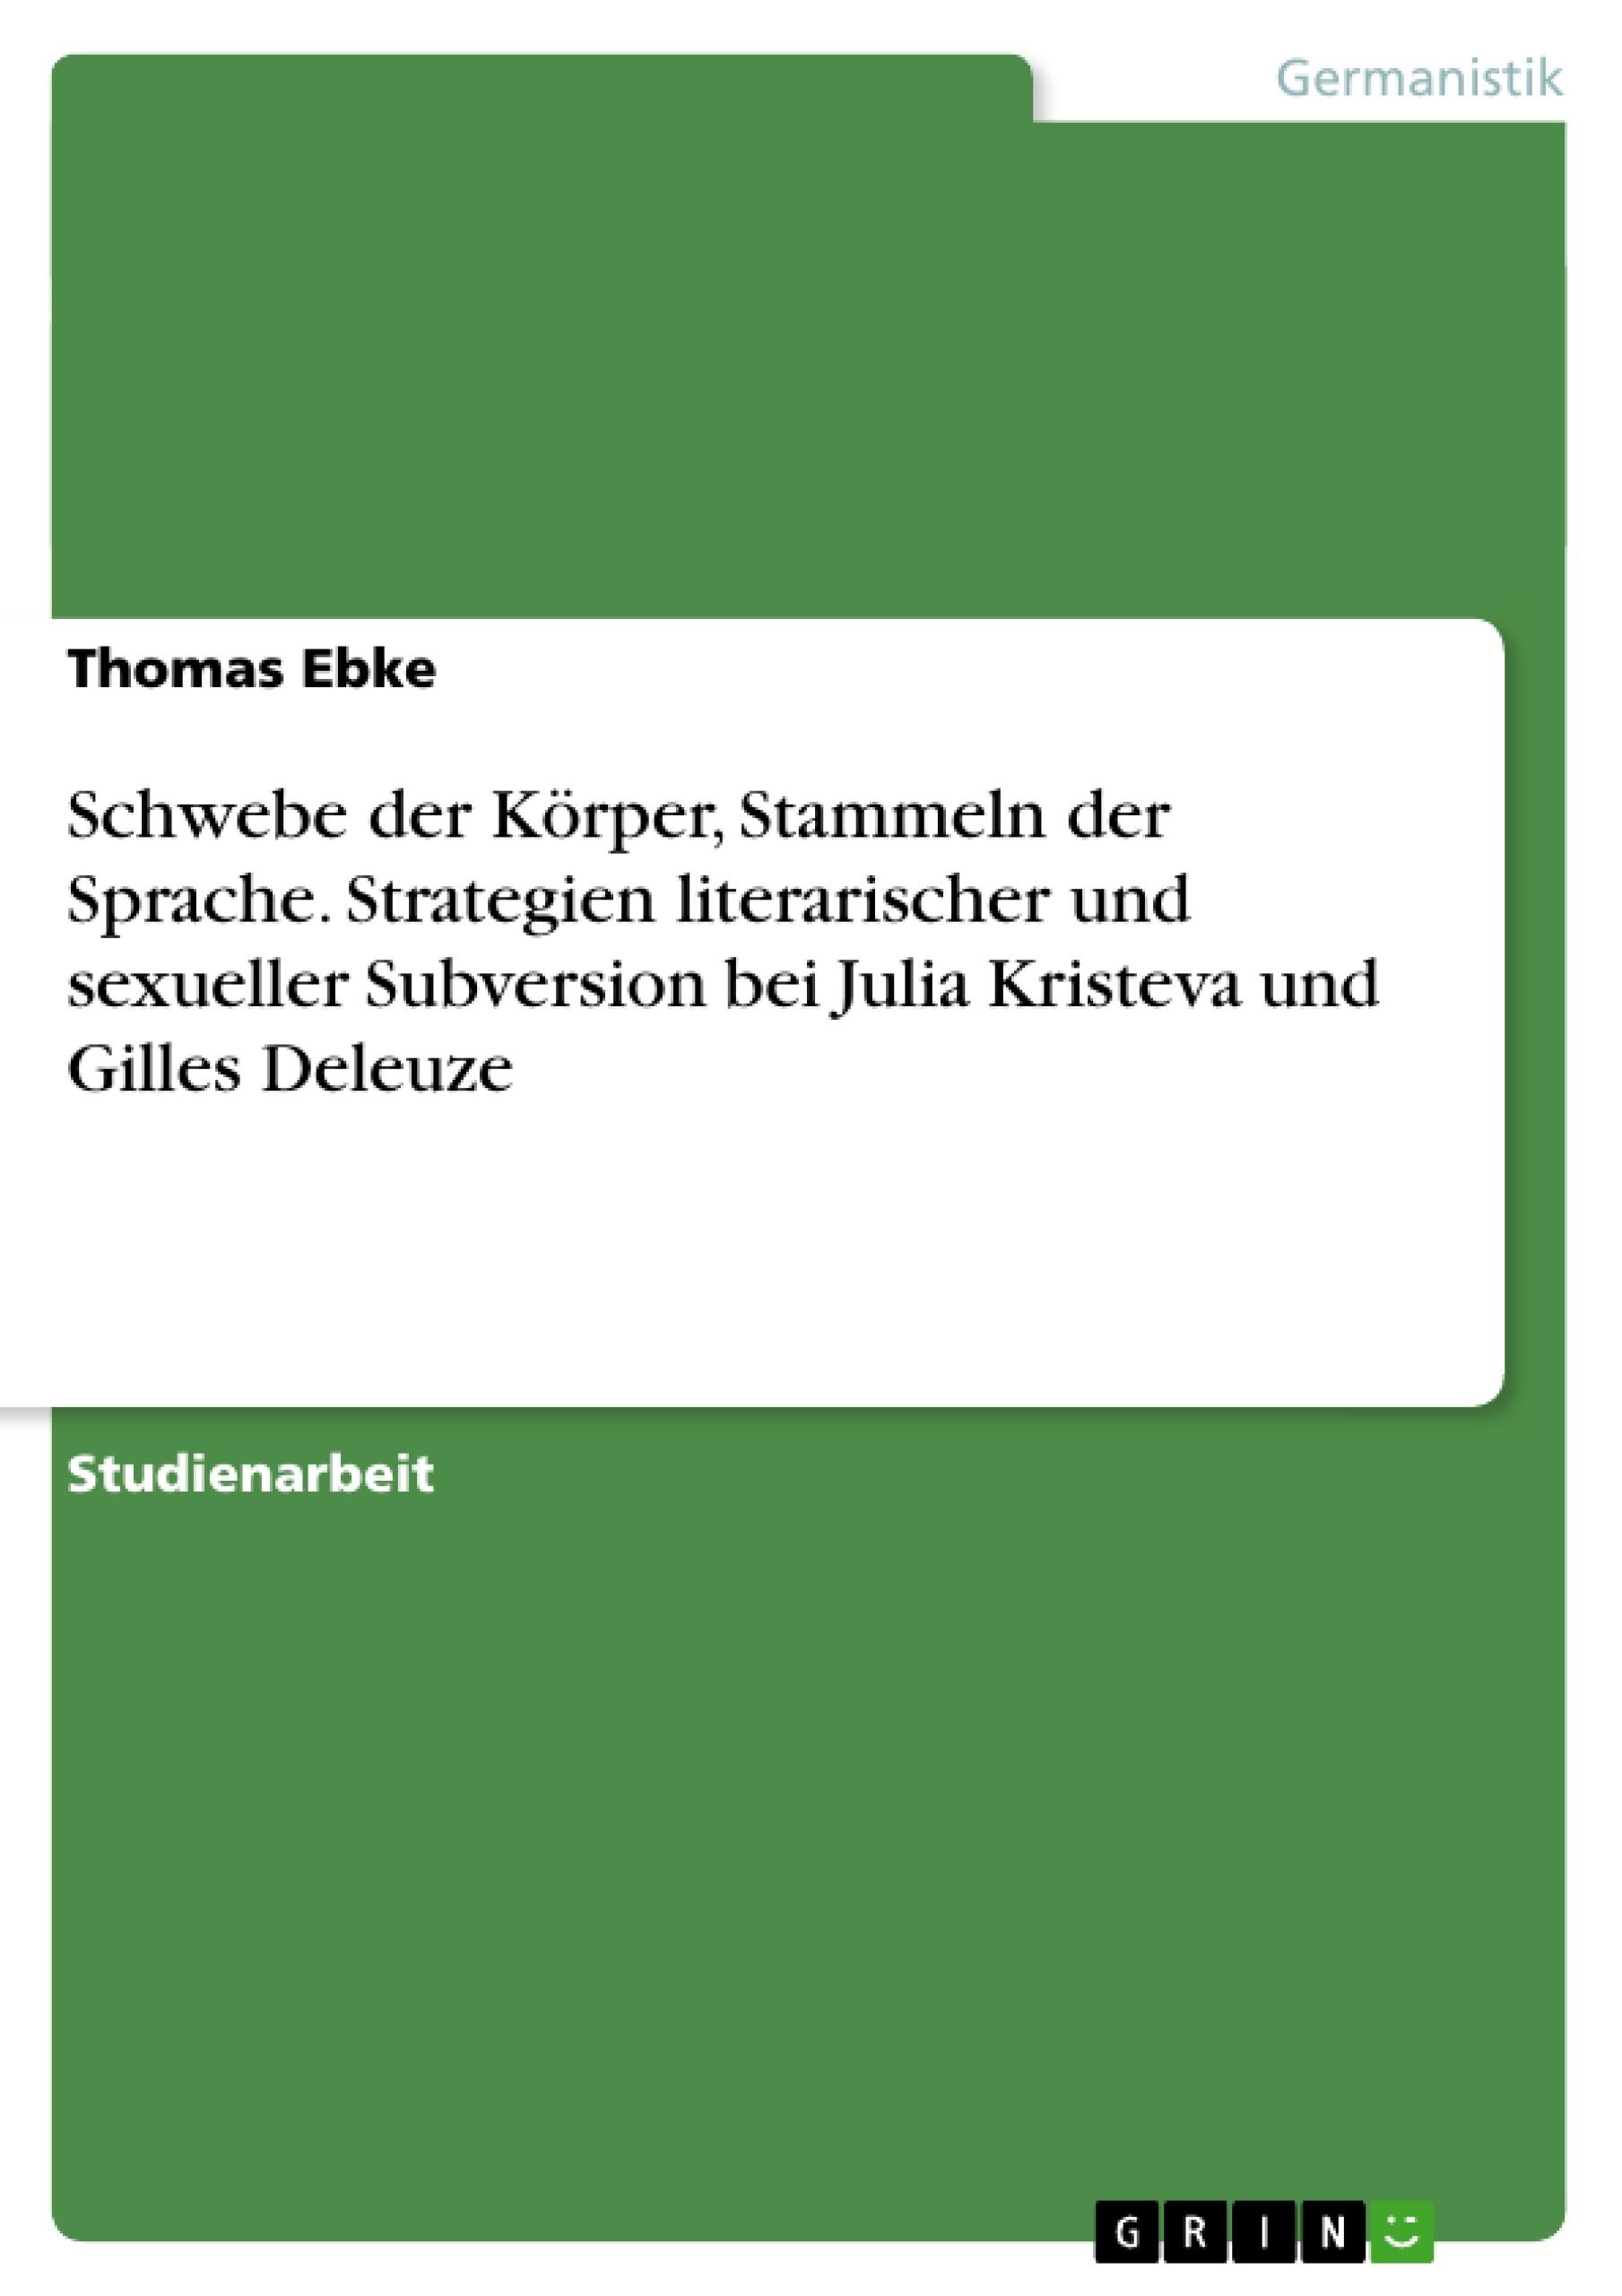 Titel: Schwebe der Körper, Stammeln der Sprache. Strategien literarischer und sexueller Subversion bei Julia Kristeva und Gilles Deleuze